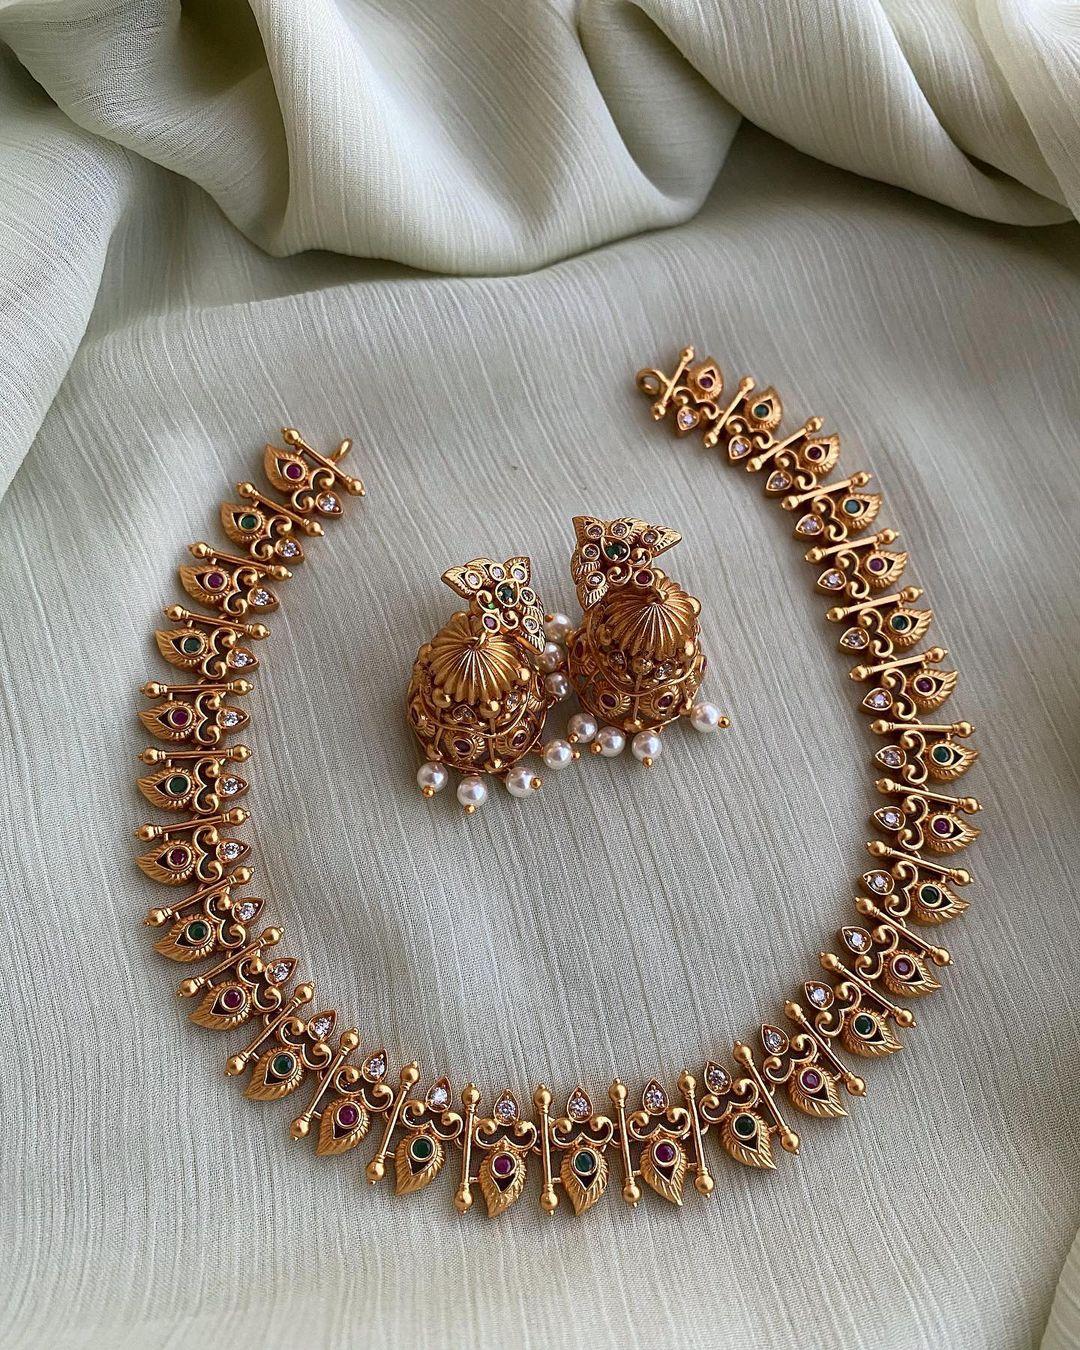 leaf-motif-necklace-earrings